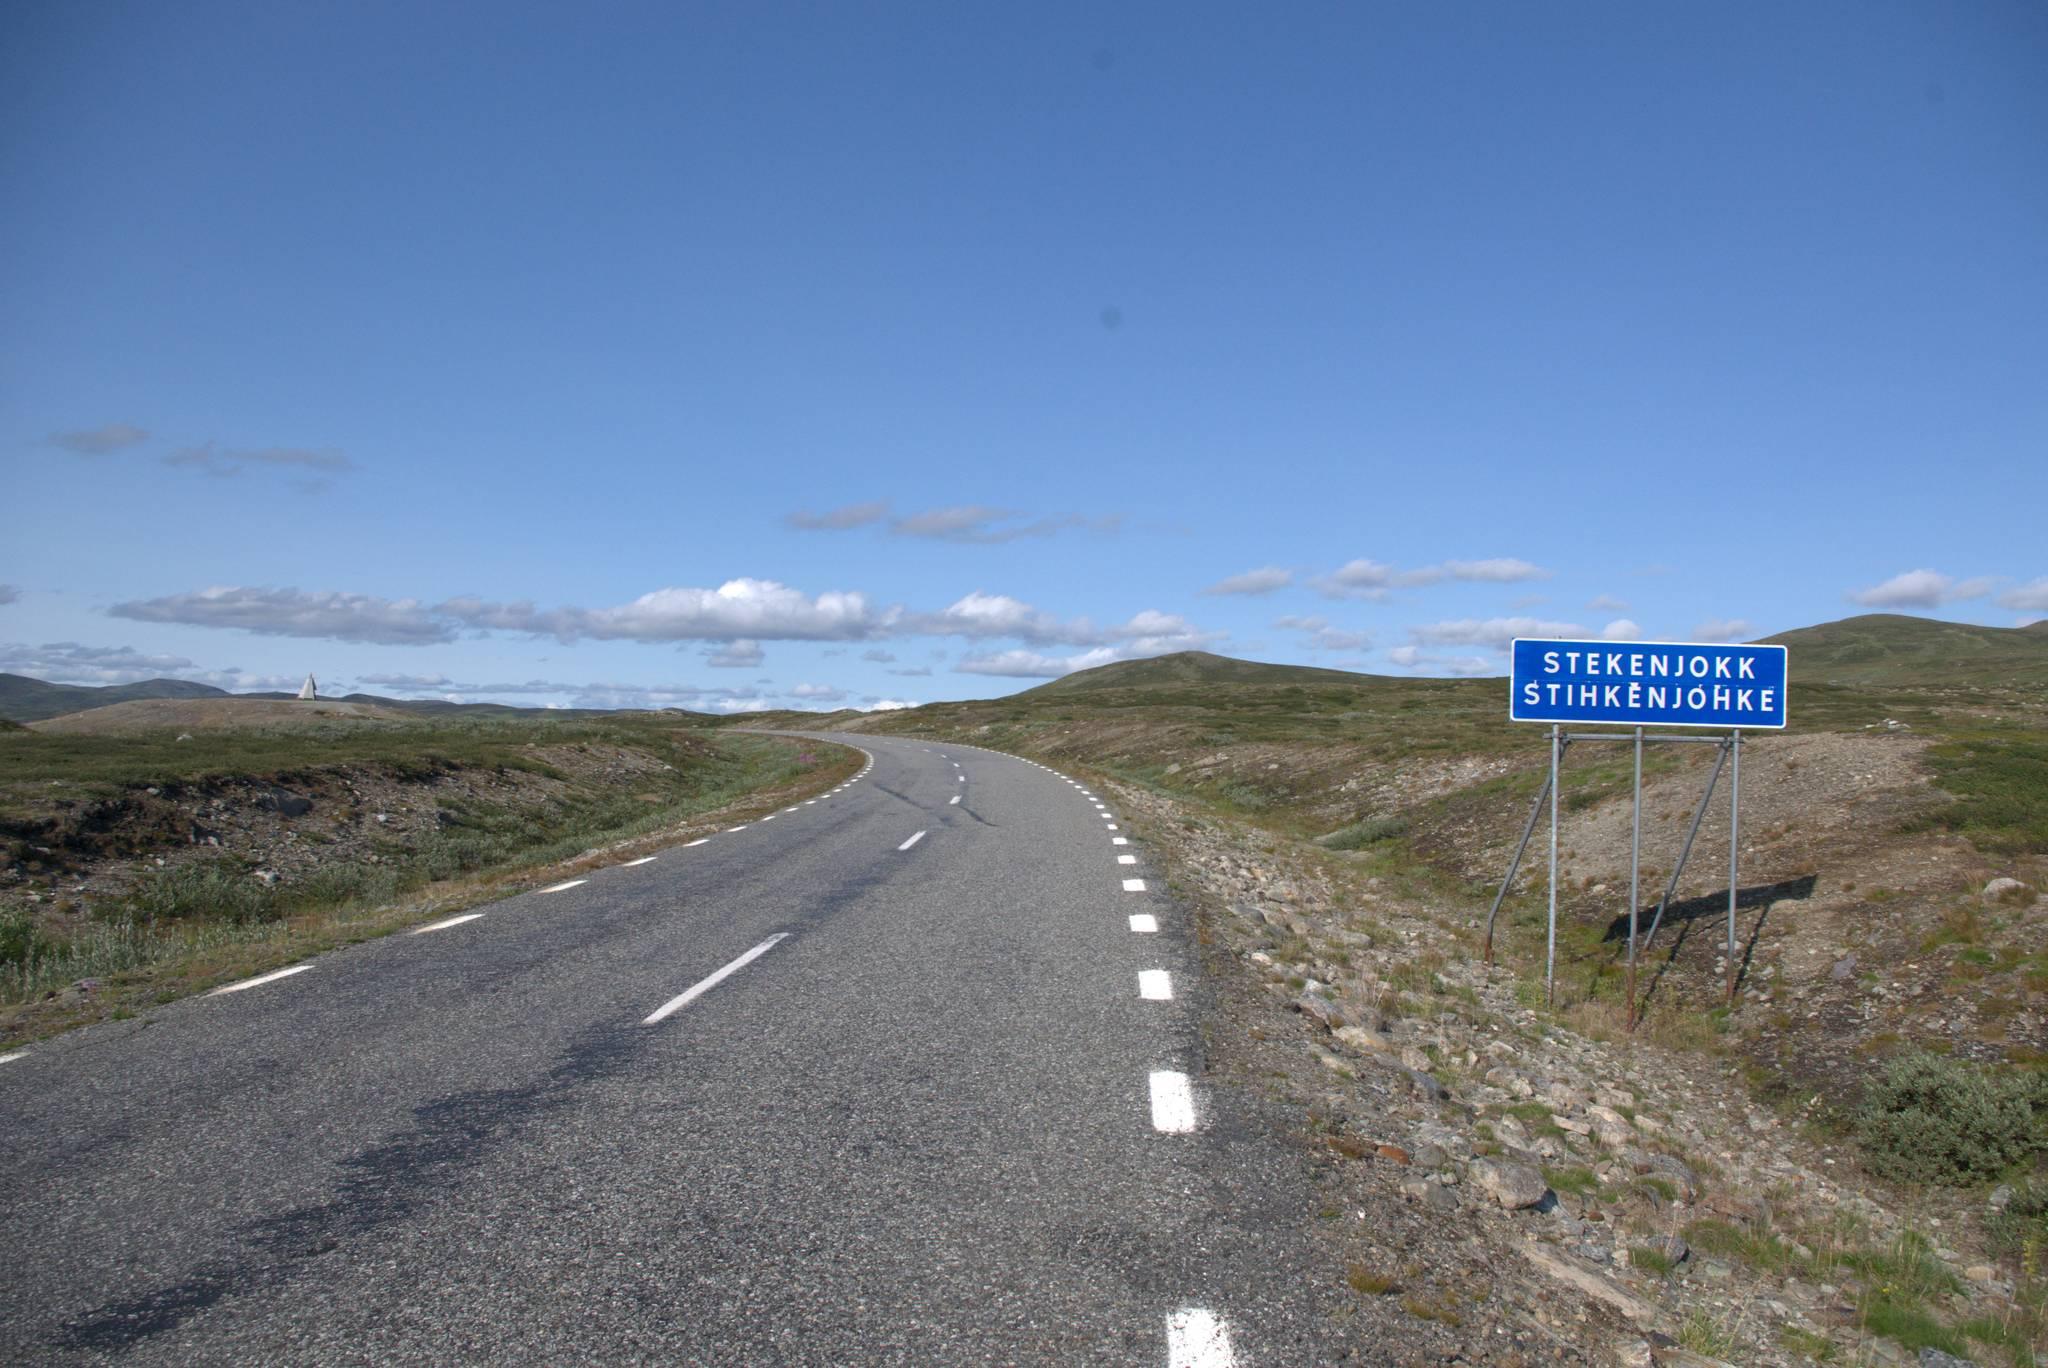 Wedle informacji turystycznej miejsce ze szwedzkim rekordem prędkości wiatru, na szczęście oszczędzono mi tej atrakcji